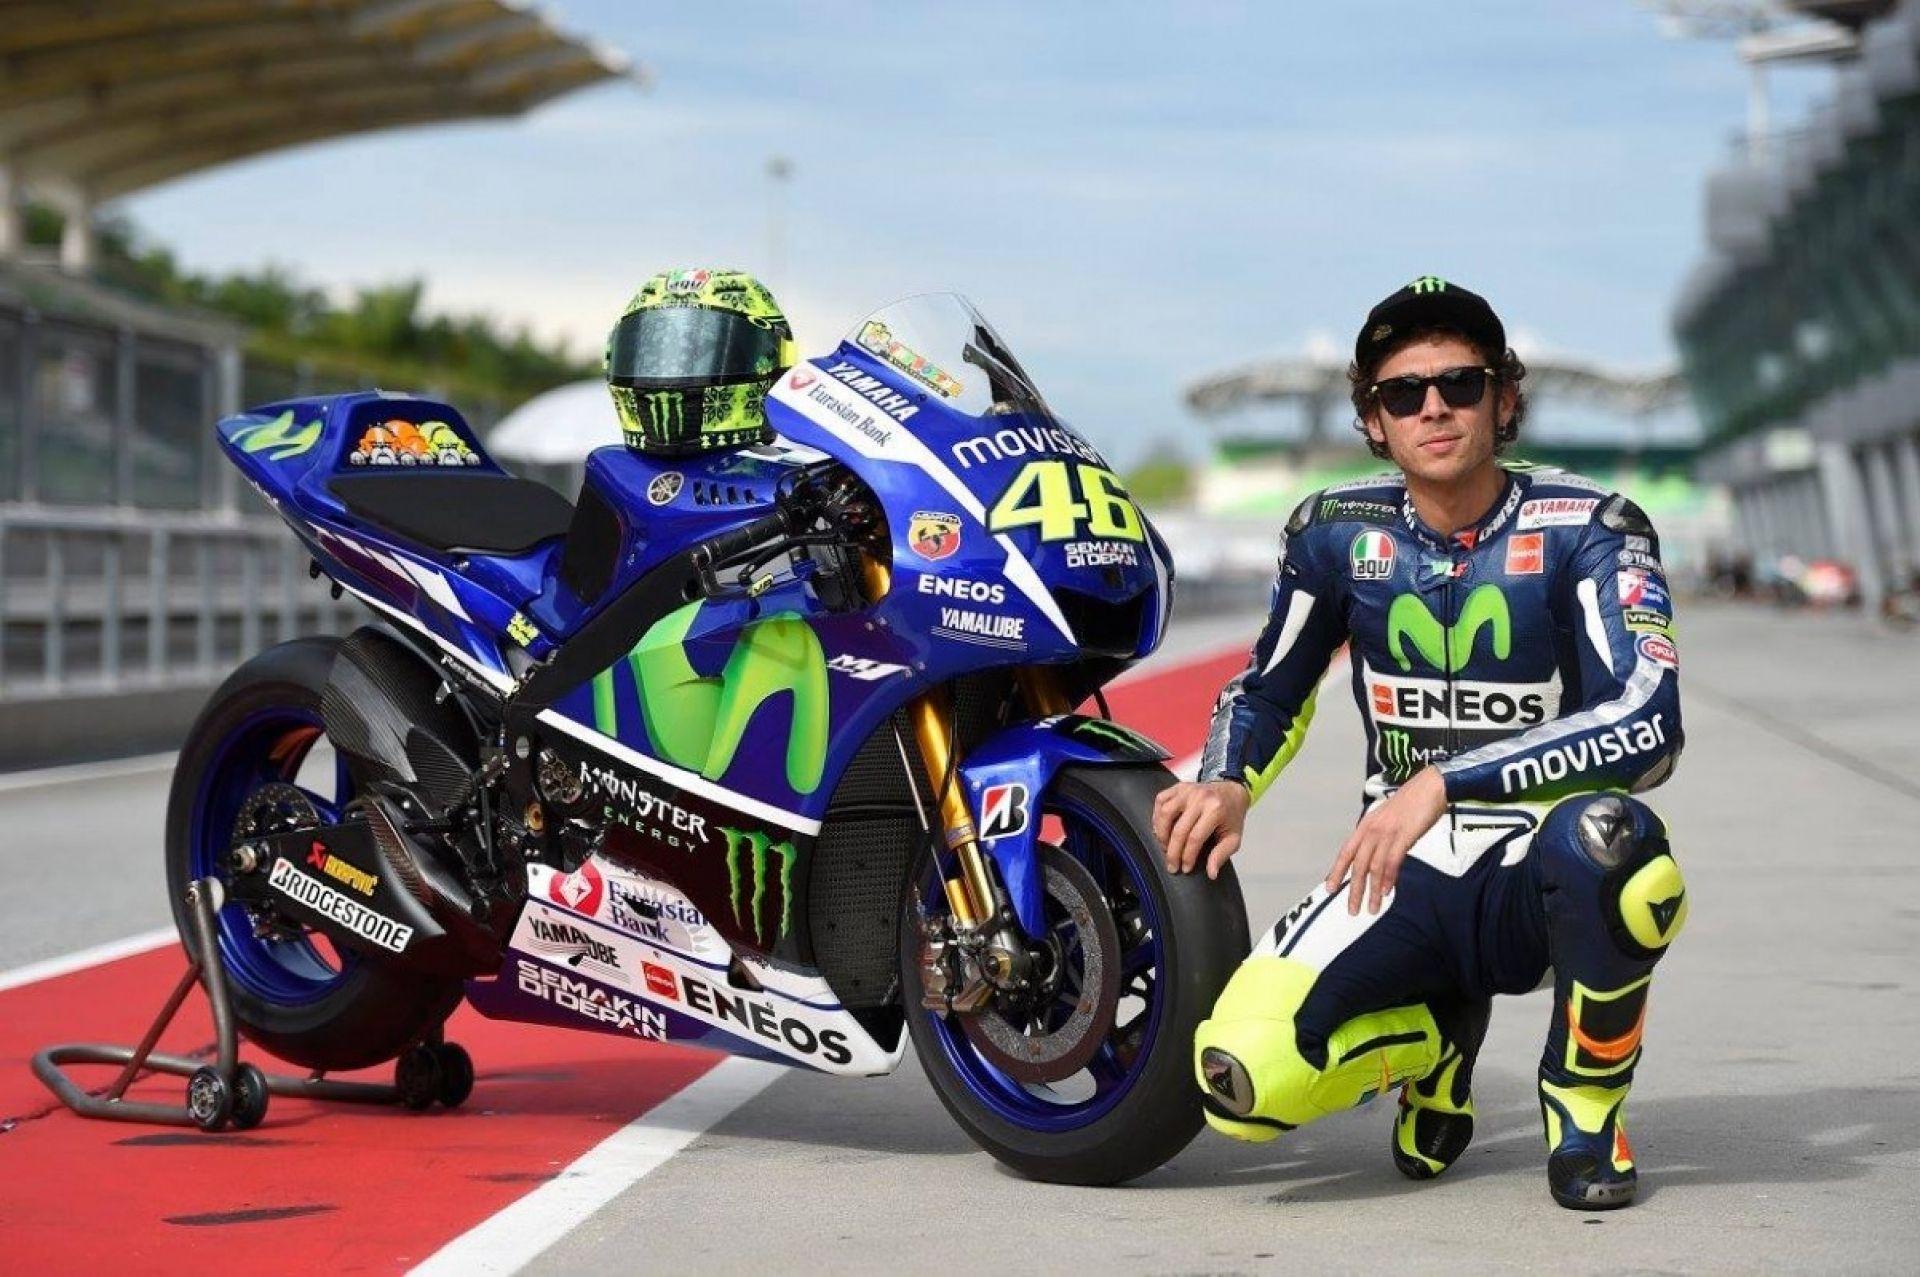 Motogp Wallpaper Valentino Rossi 2017 In 2020 Valentino Rossi Motogp Valentino Rossi Valentino Rossi Yamaha